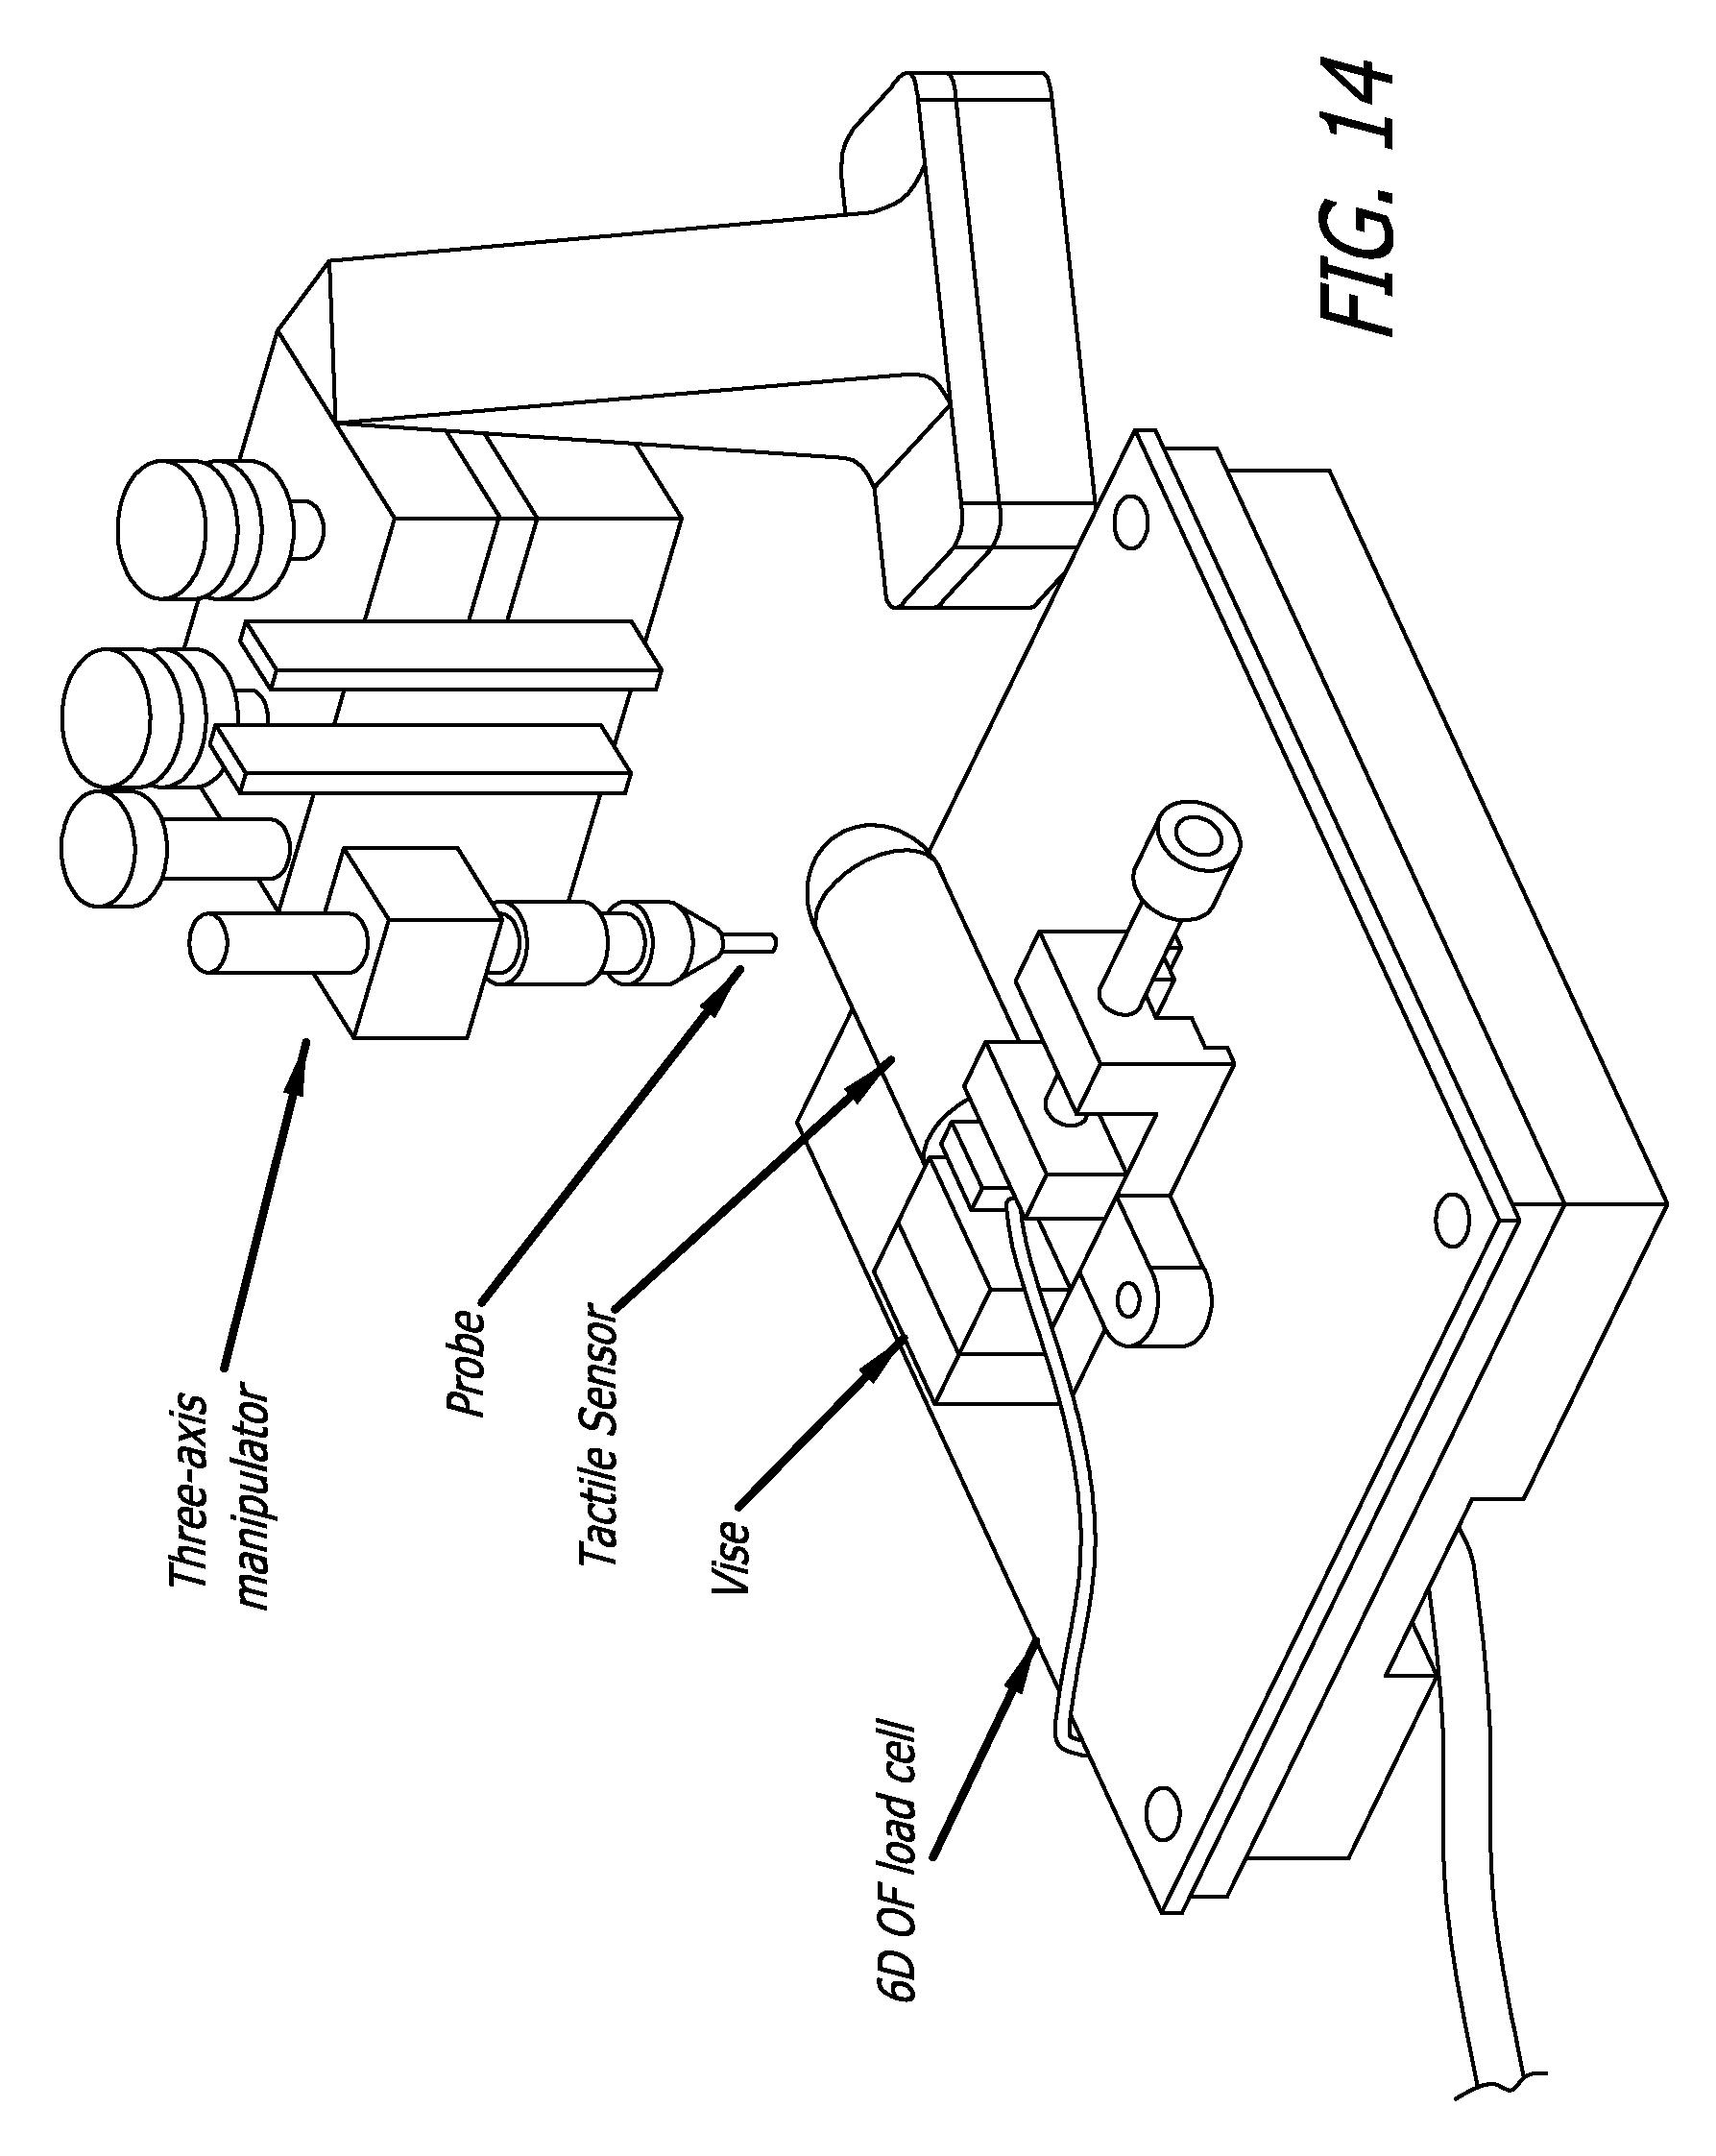 patent us7878075